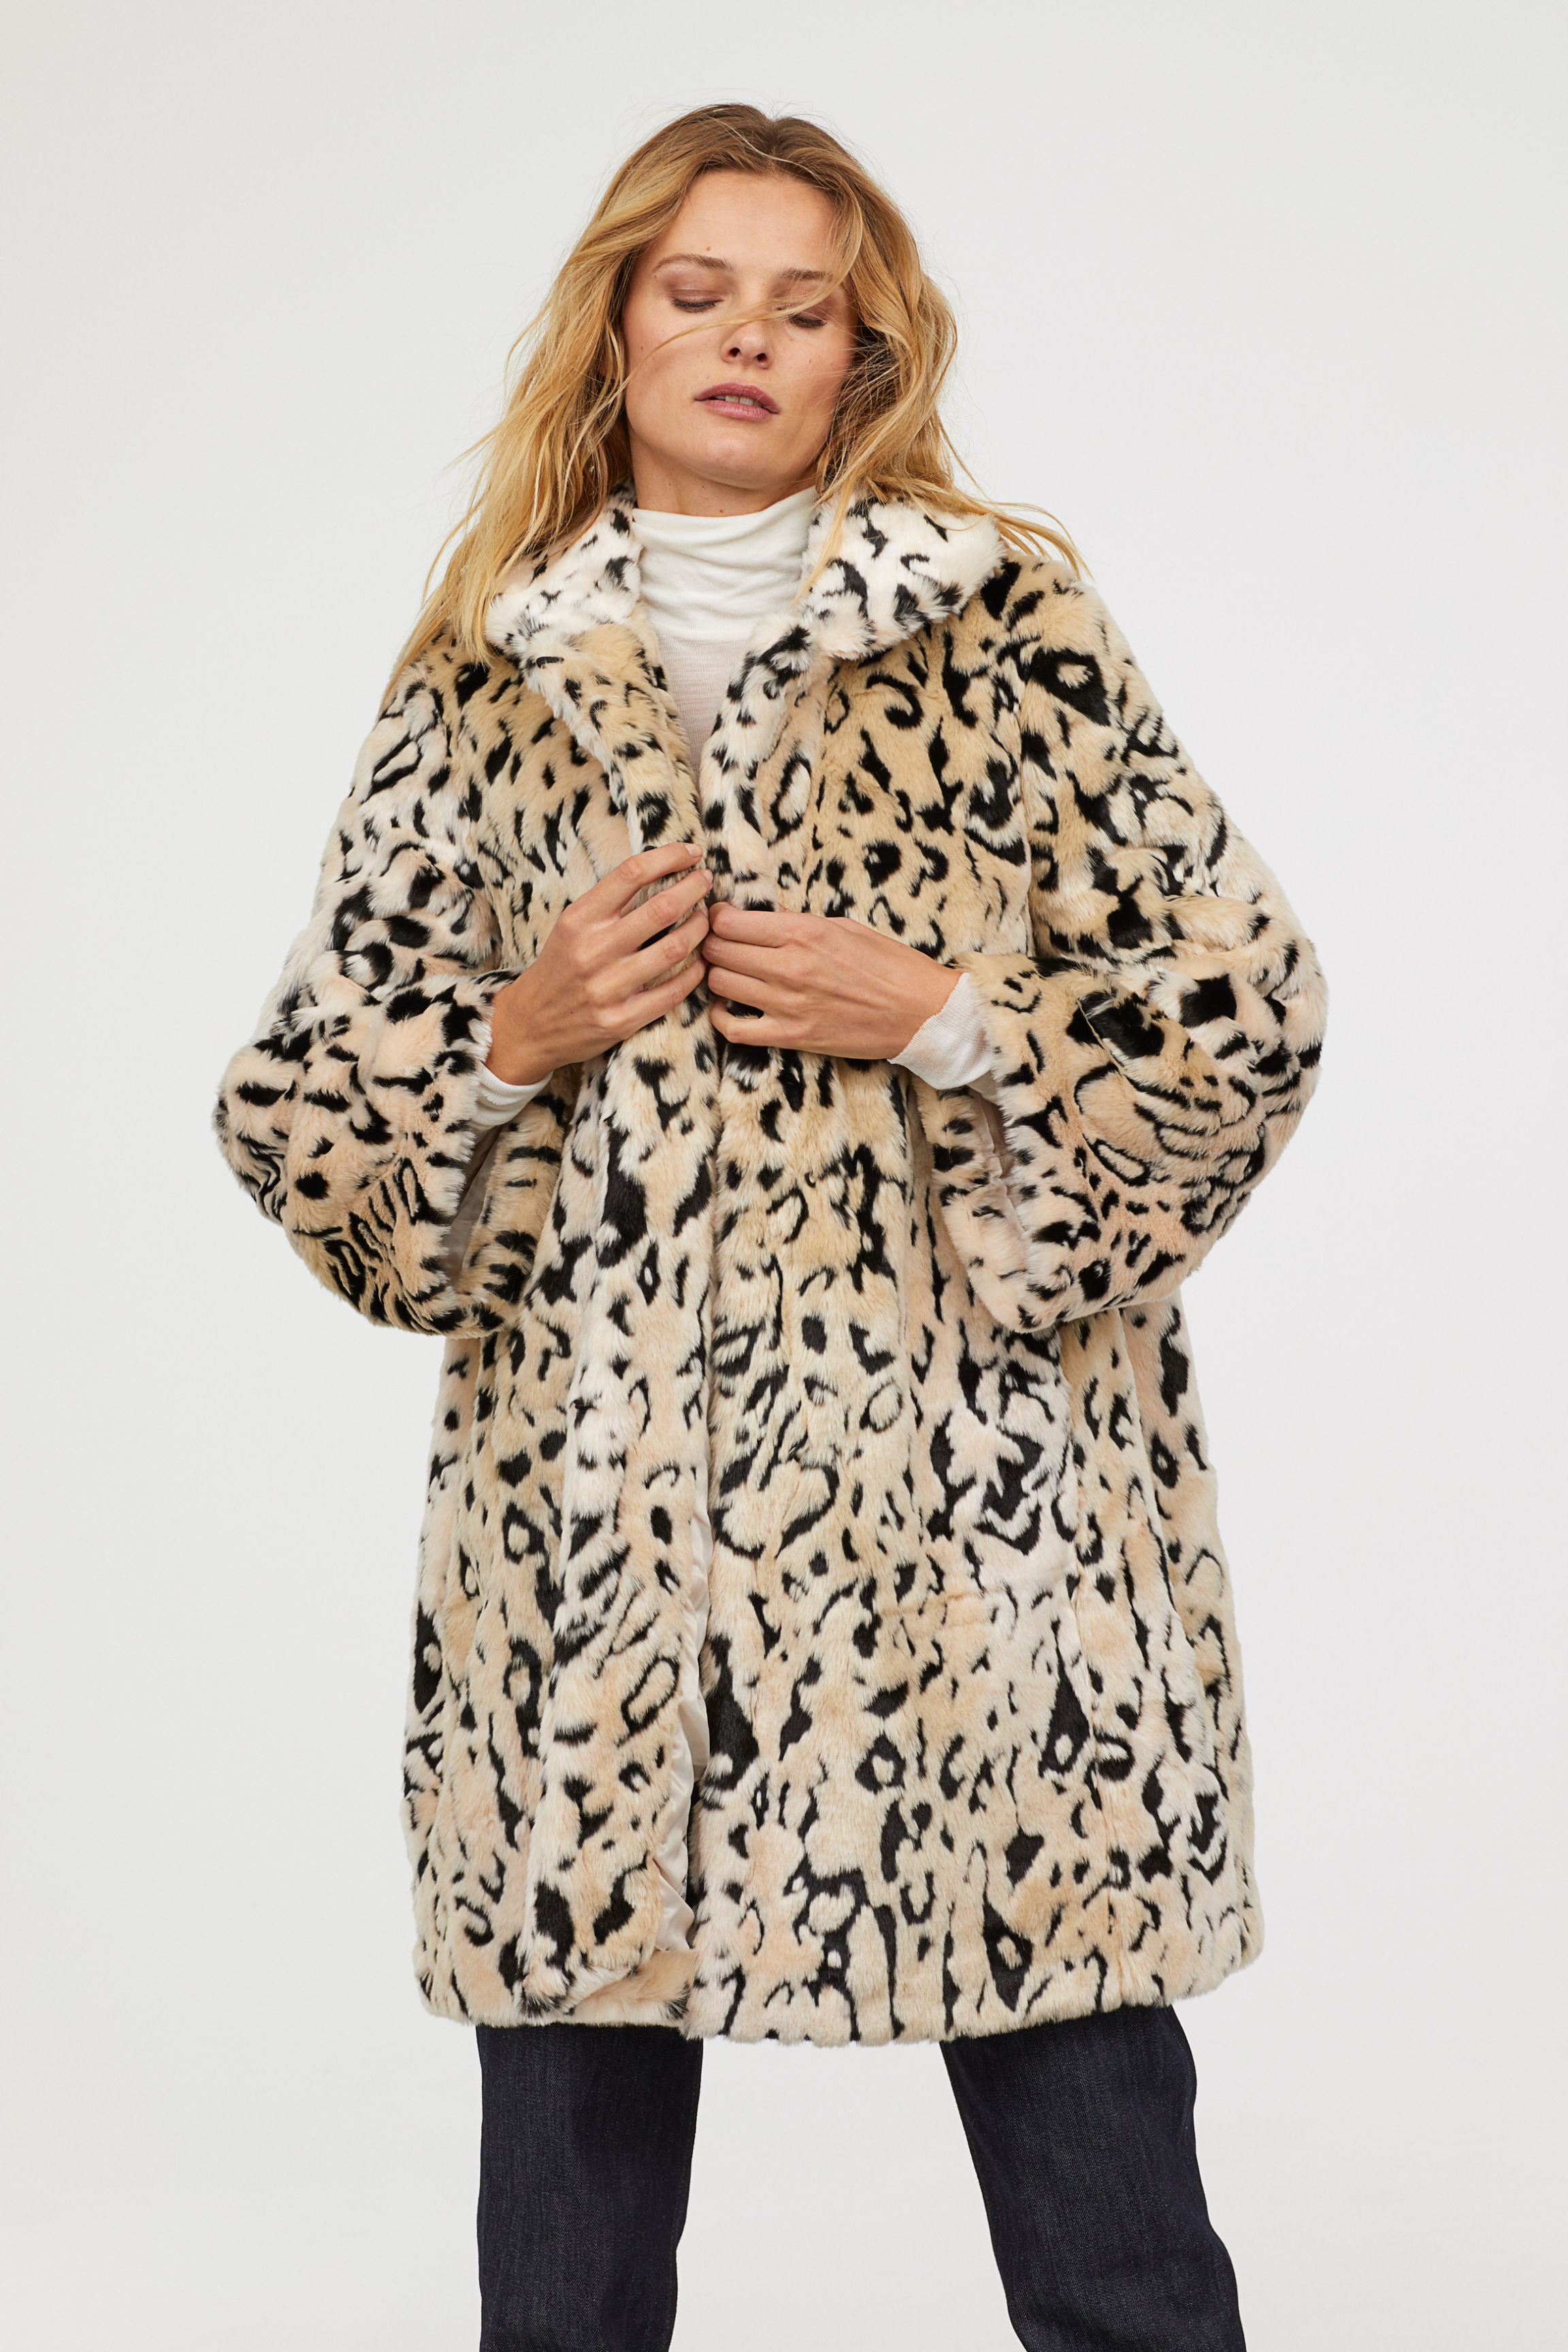 Faux Fur Coat - Light beige/leopard print - Ladies   H&M US